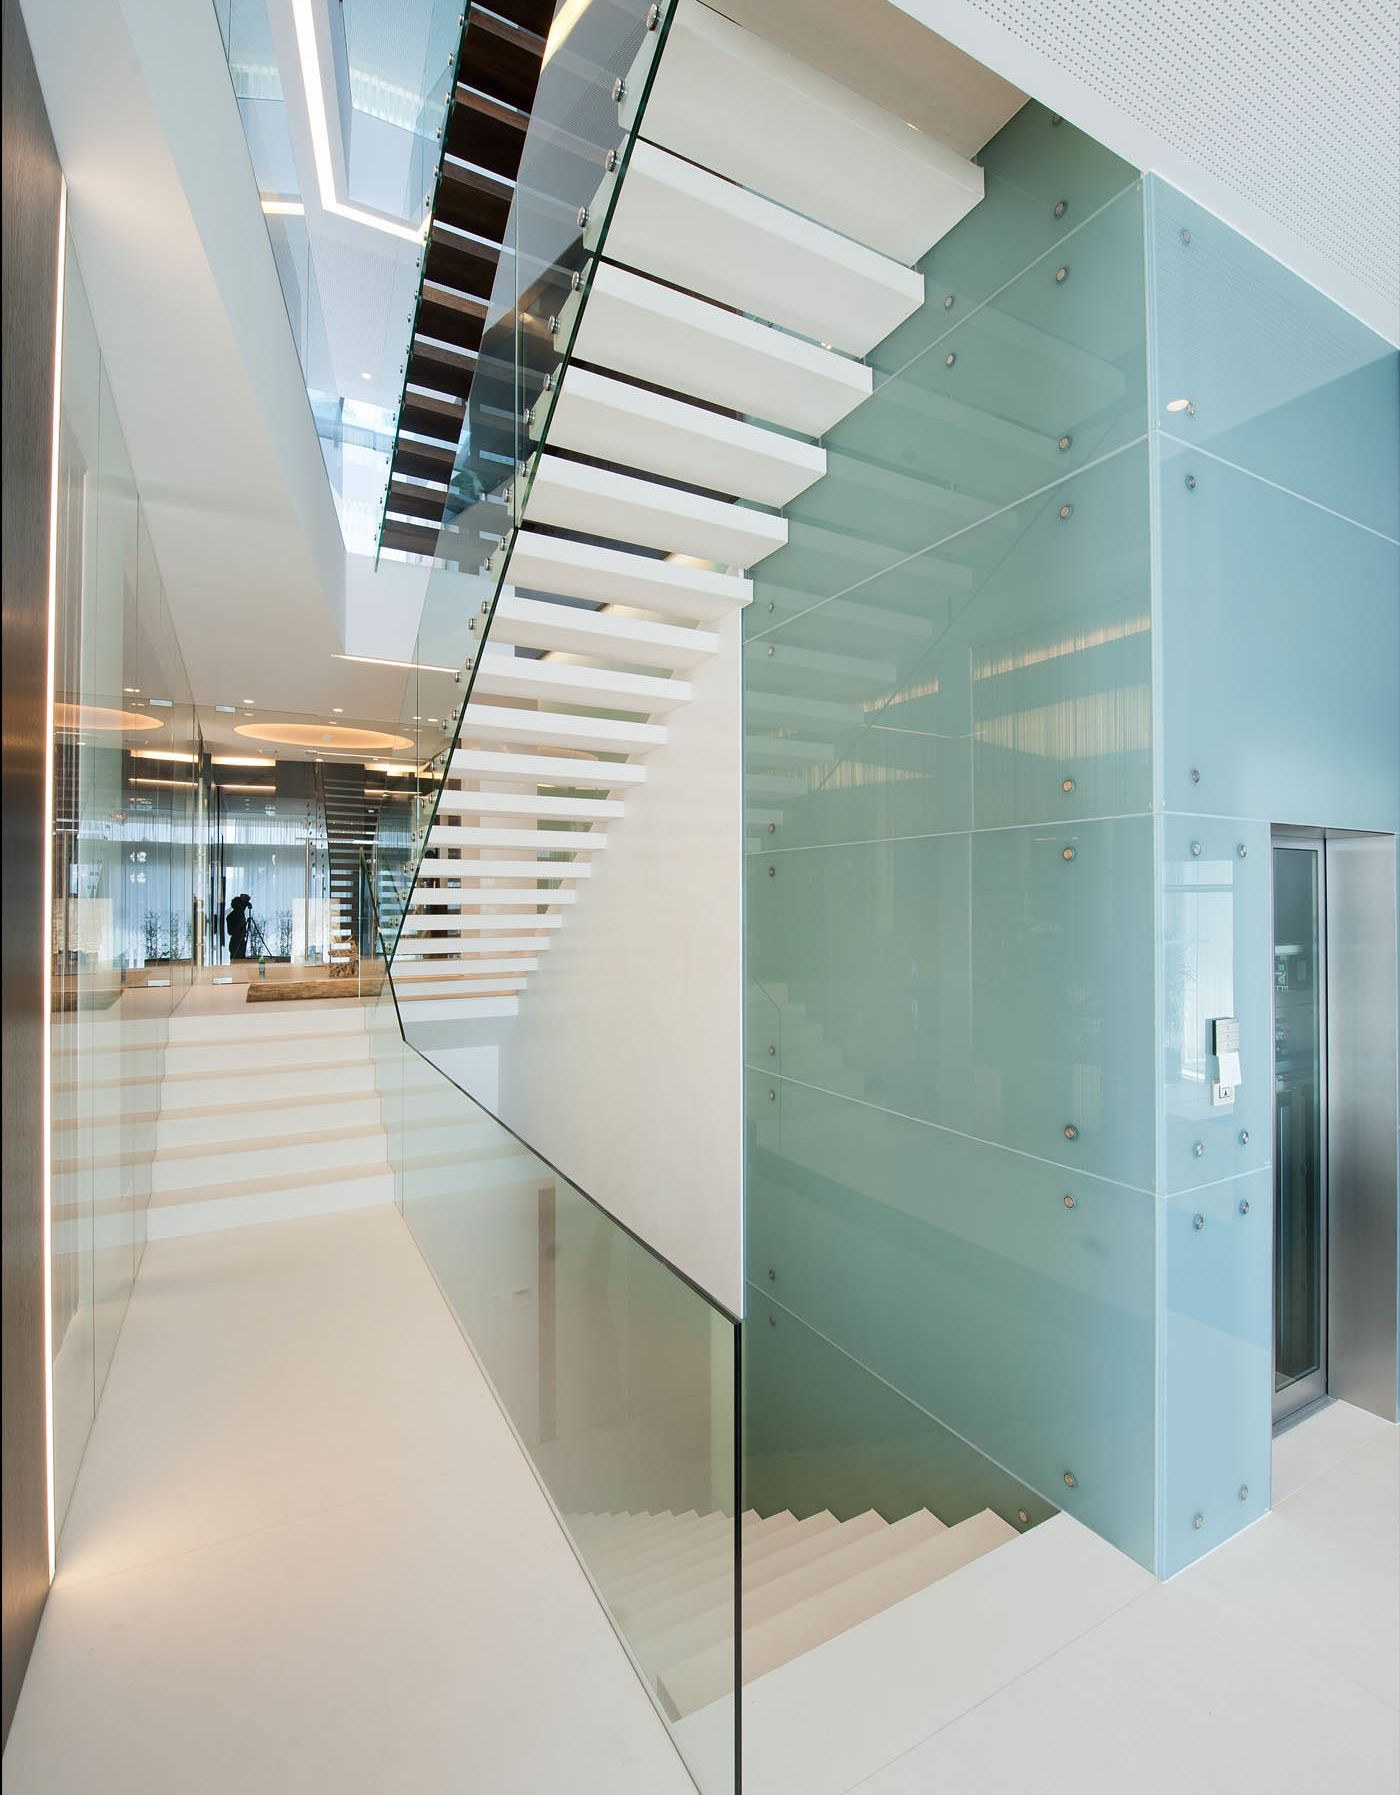 5192624bb3fc4b53ed00005f_villa-upper-austria-two-in-a-box-architekten_villa_upper_austria_-_06a_-_two_in_a_box_-_architekten